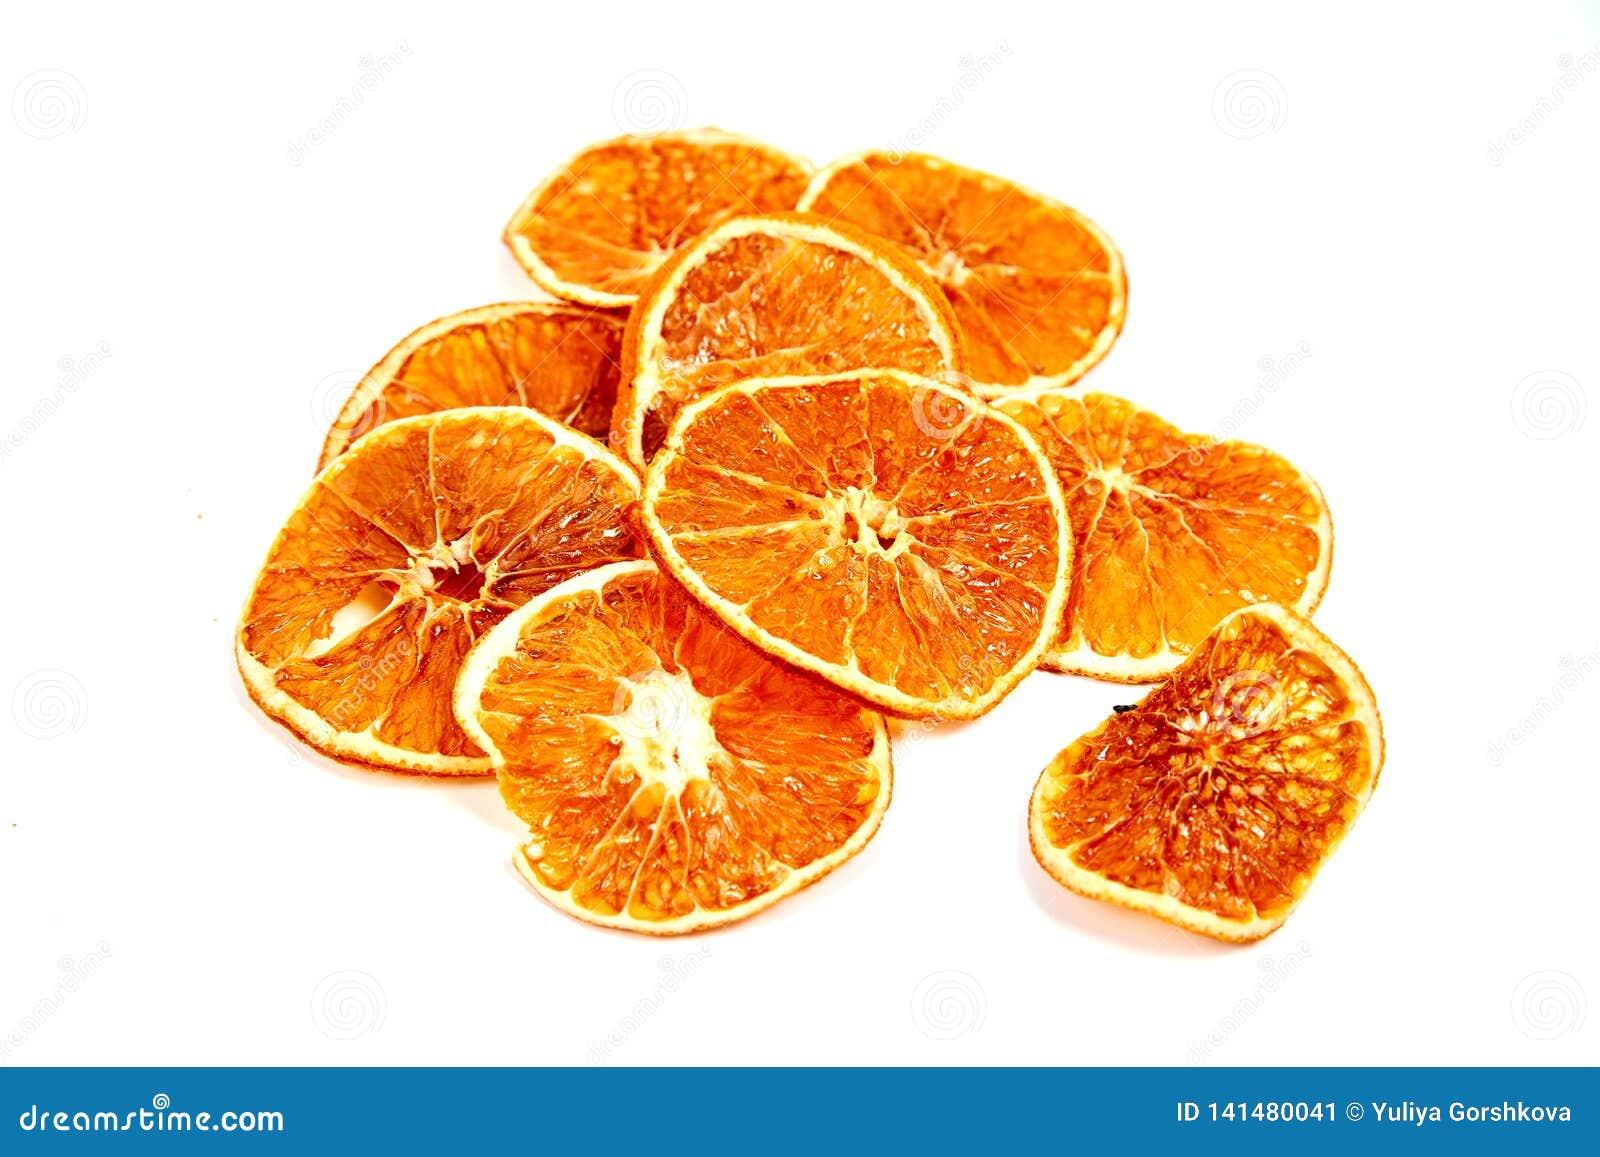 Ringe der getrockneten Tangerine auf einem weißen Hintergrund